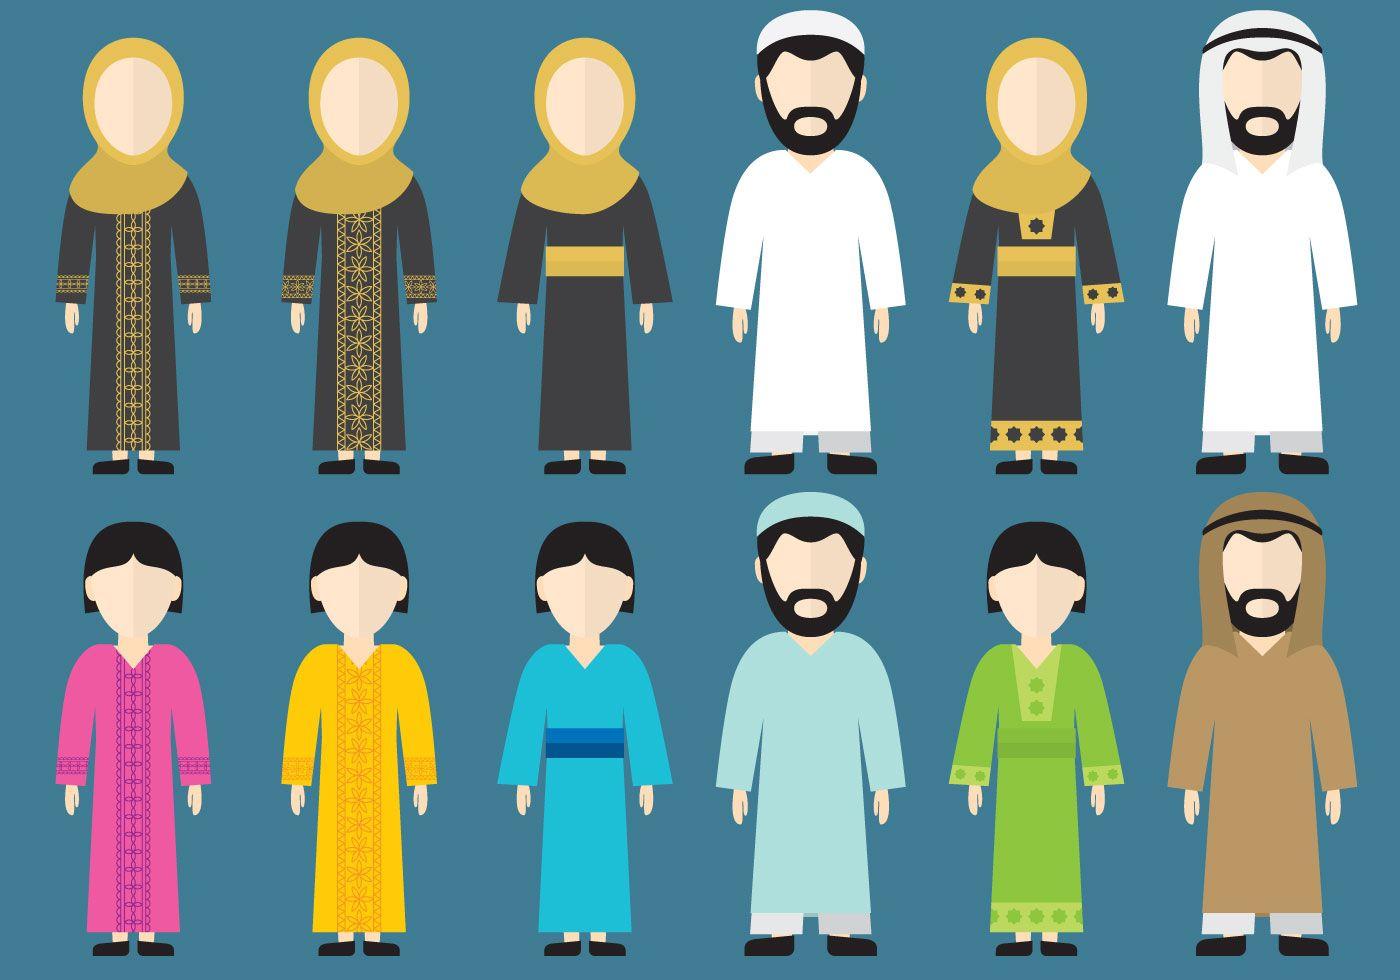 Gambar Kartun Anak Muslim Vector Kartun, Gambar, Gambar lucu